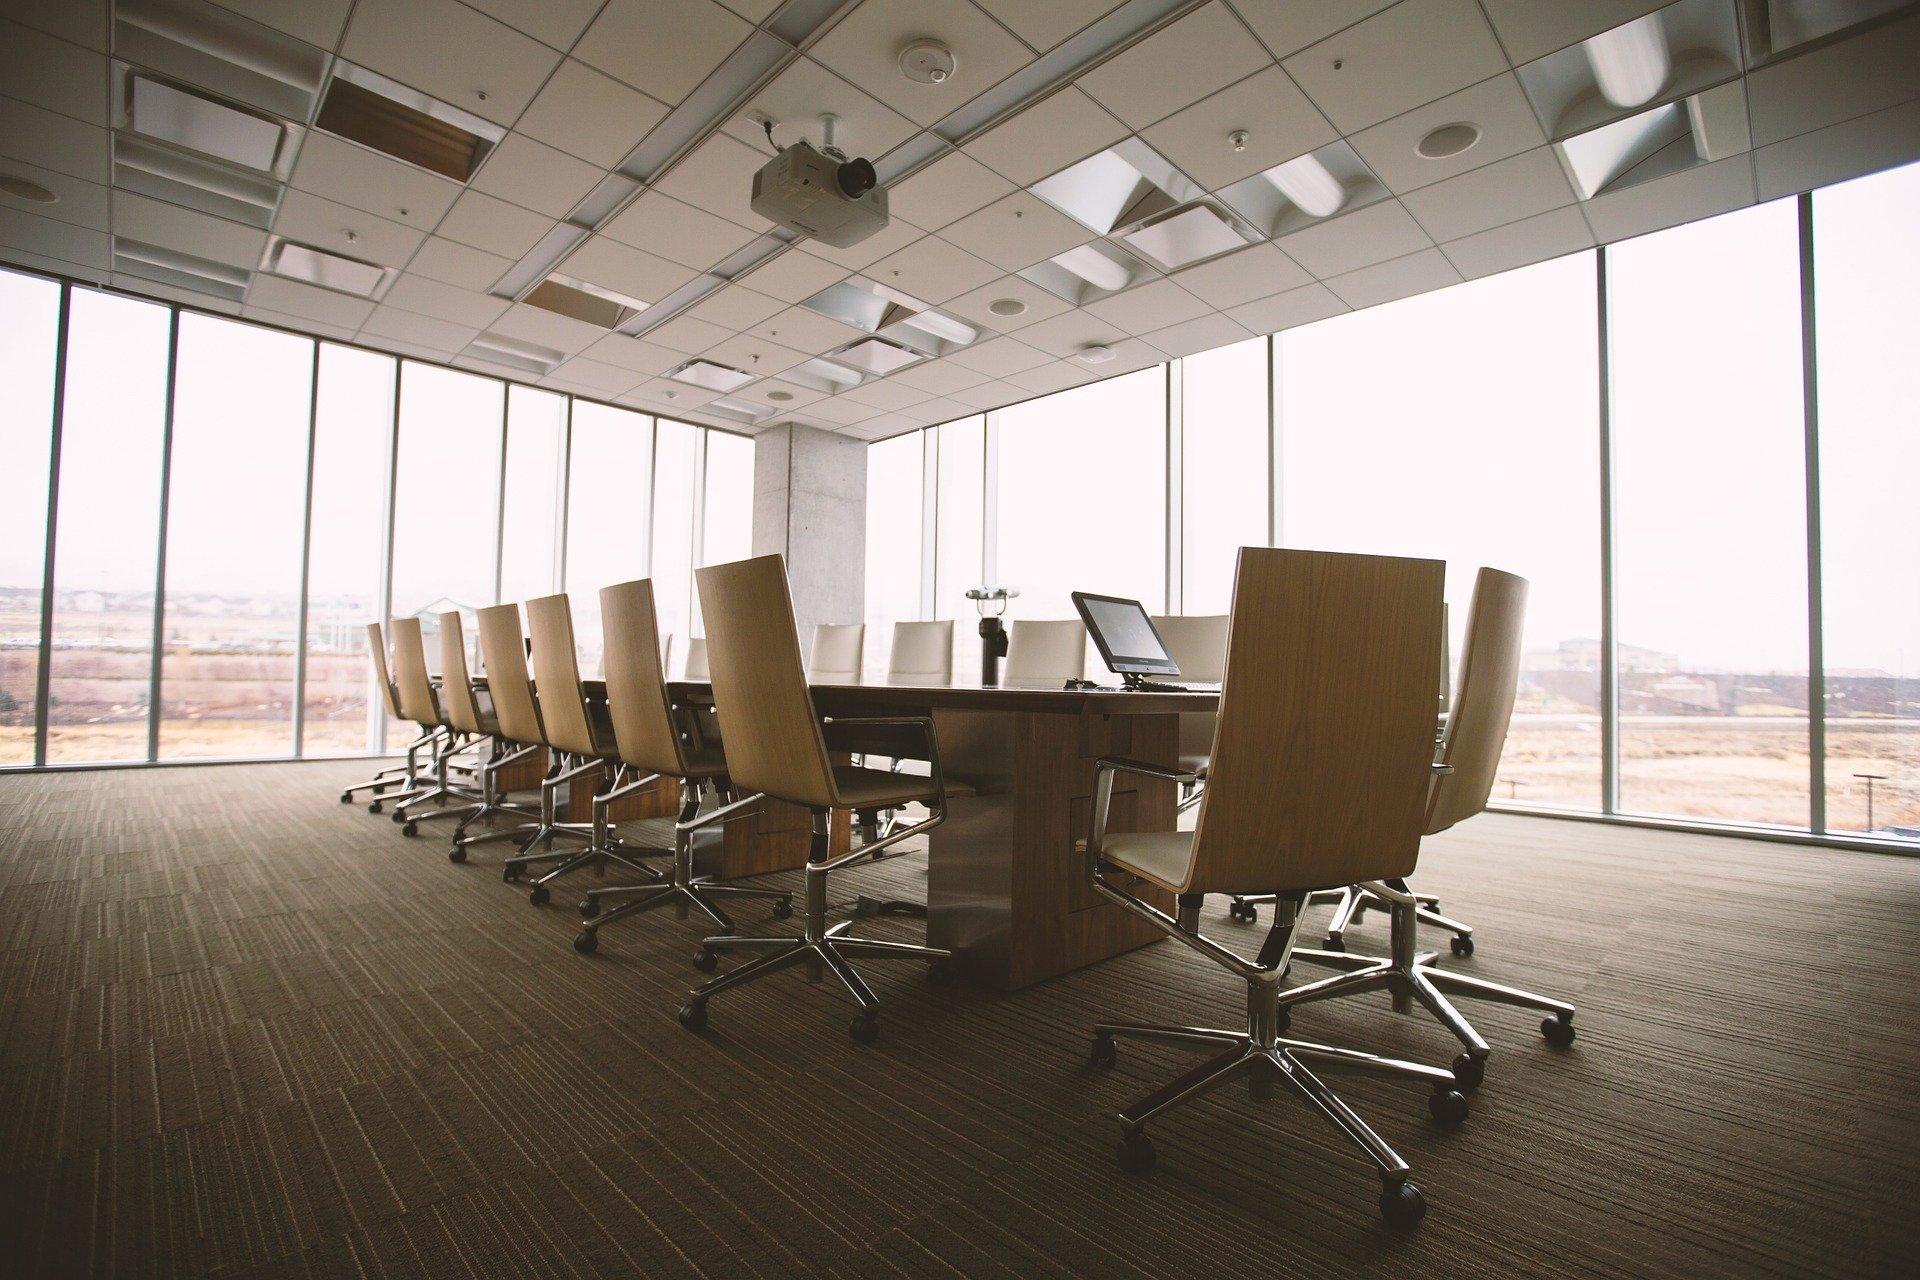 Sala ampla de reuniões em uma empresa, vemos paredes de vidro ao redor, no centro temos uma mesa grande com várias cadeiras beges. Imagem ilustrativa para texto seguro empresarial.